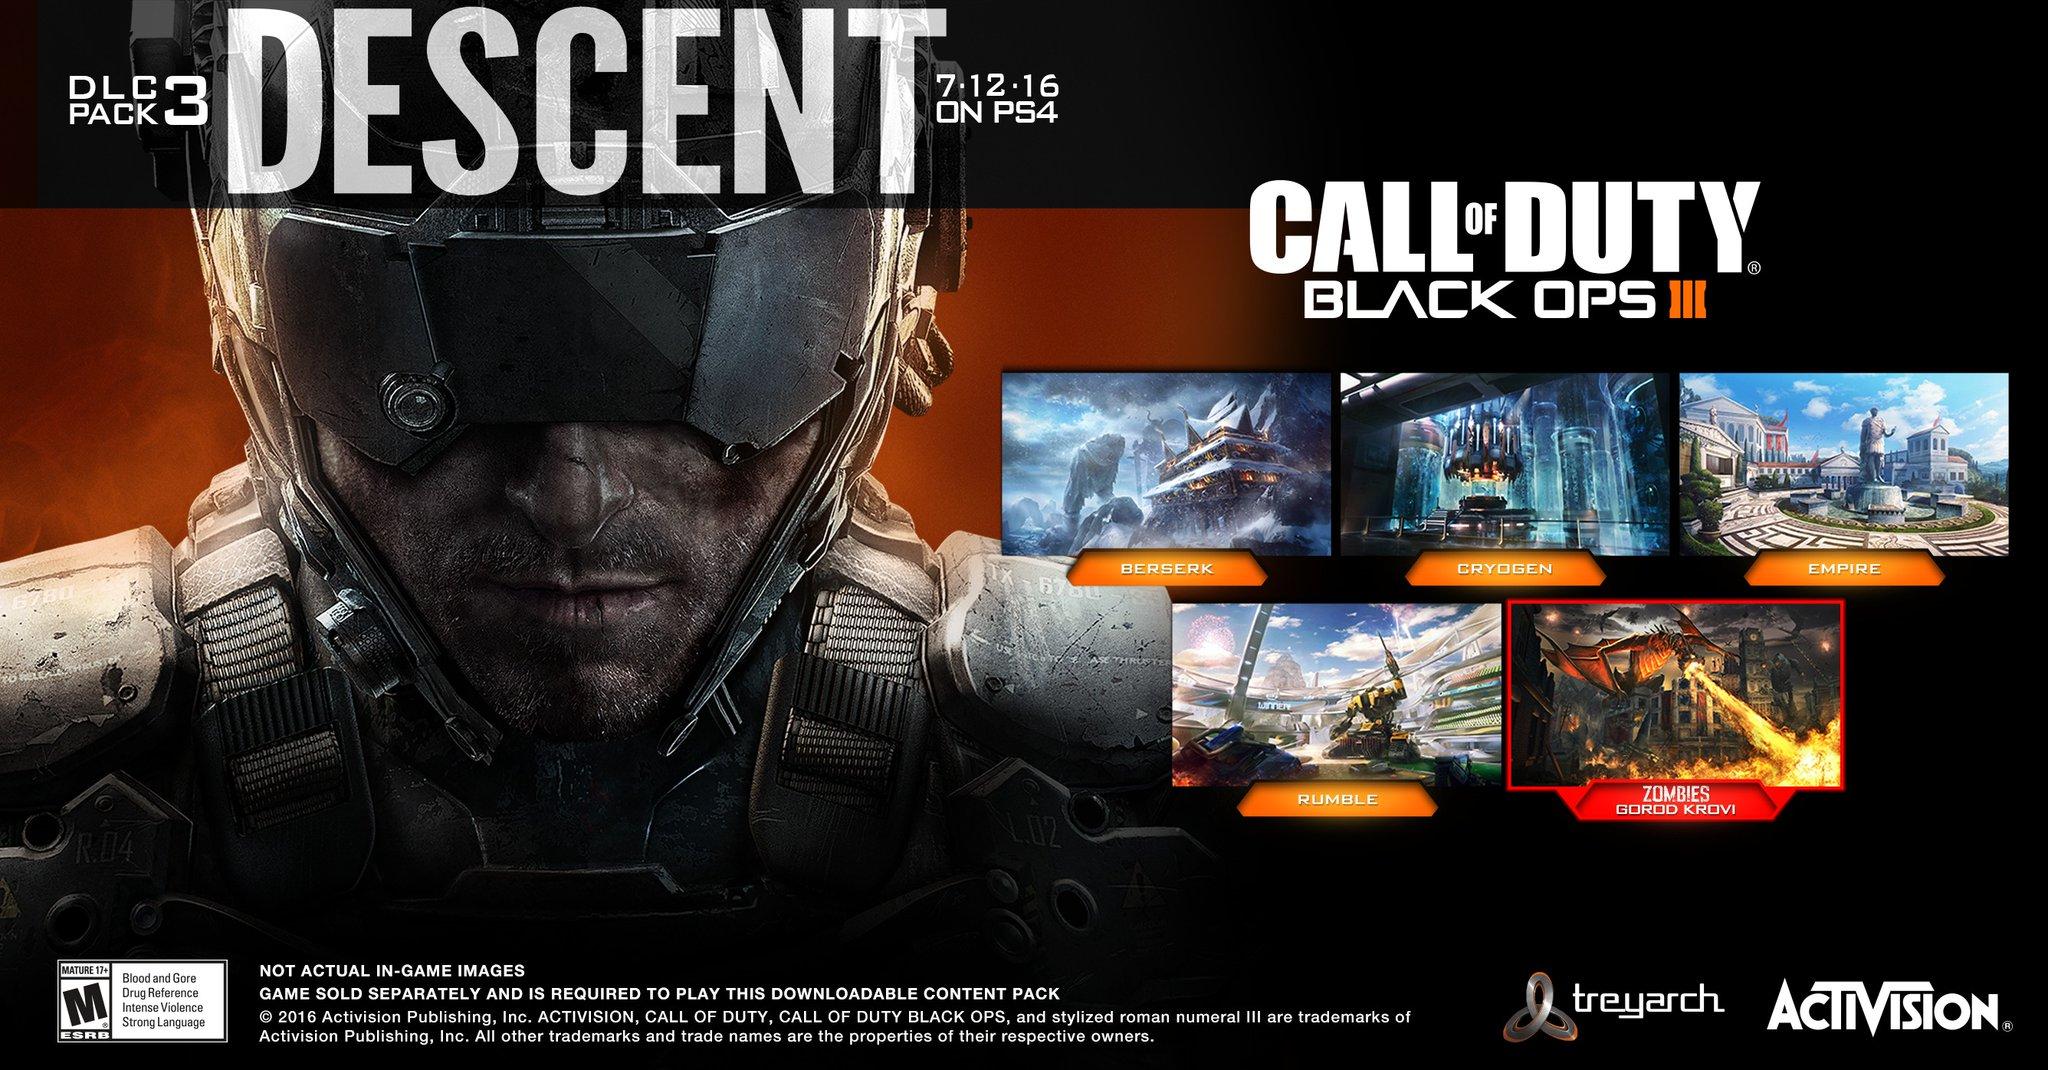 call-of-duty-black-ops-iiis-descent-dlc